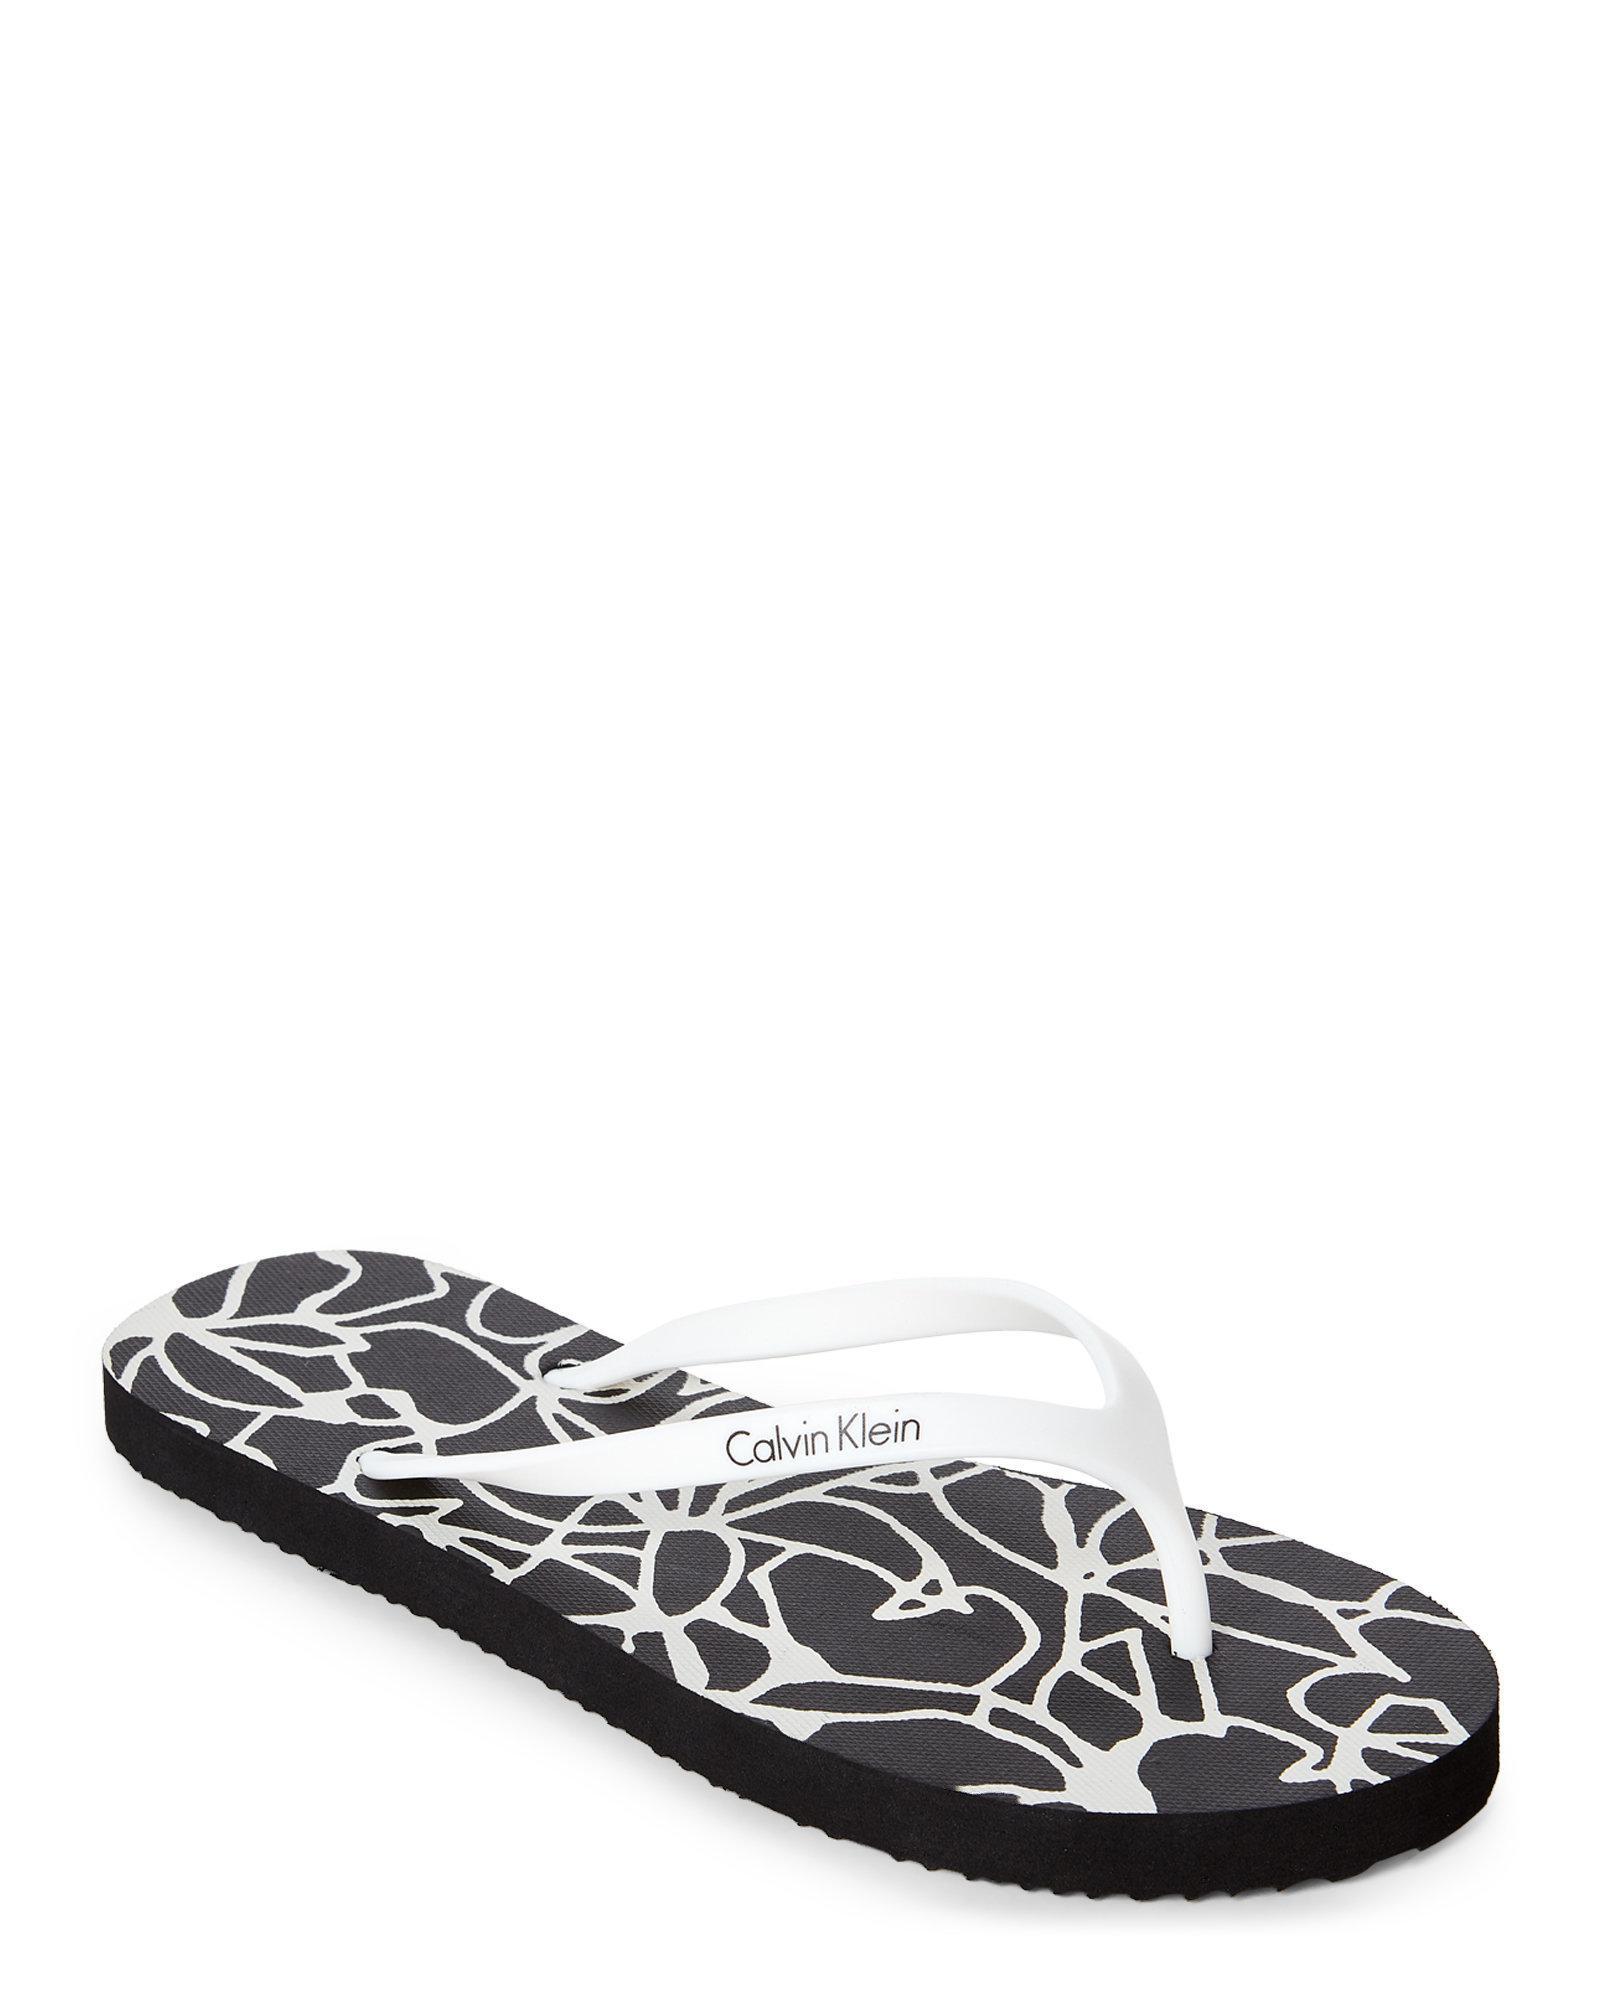 e95dc8042 Lyst - CALVIN KLEIN 205W39NYC Black   White Sunflower Flip Flops in ...